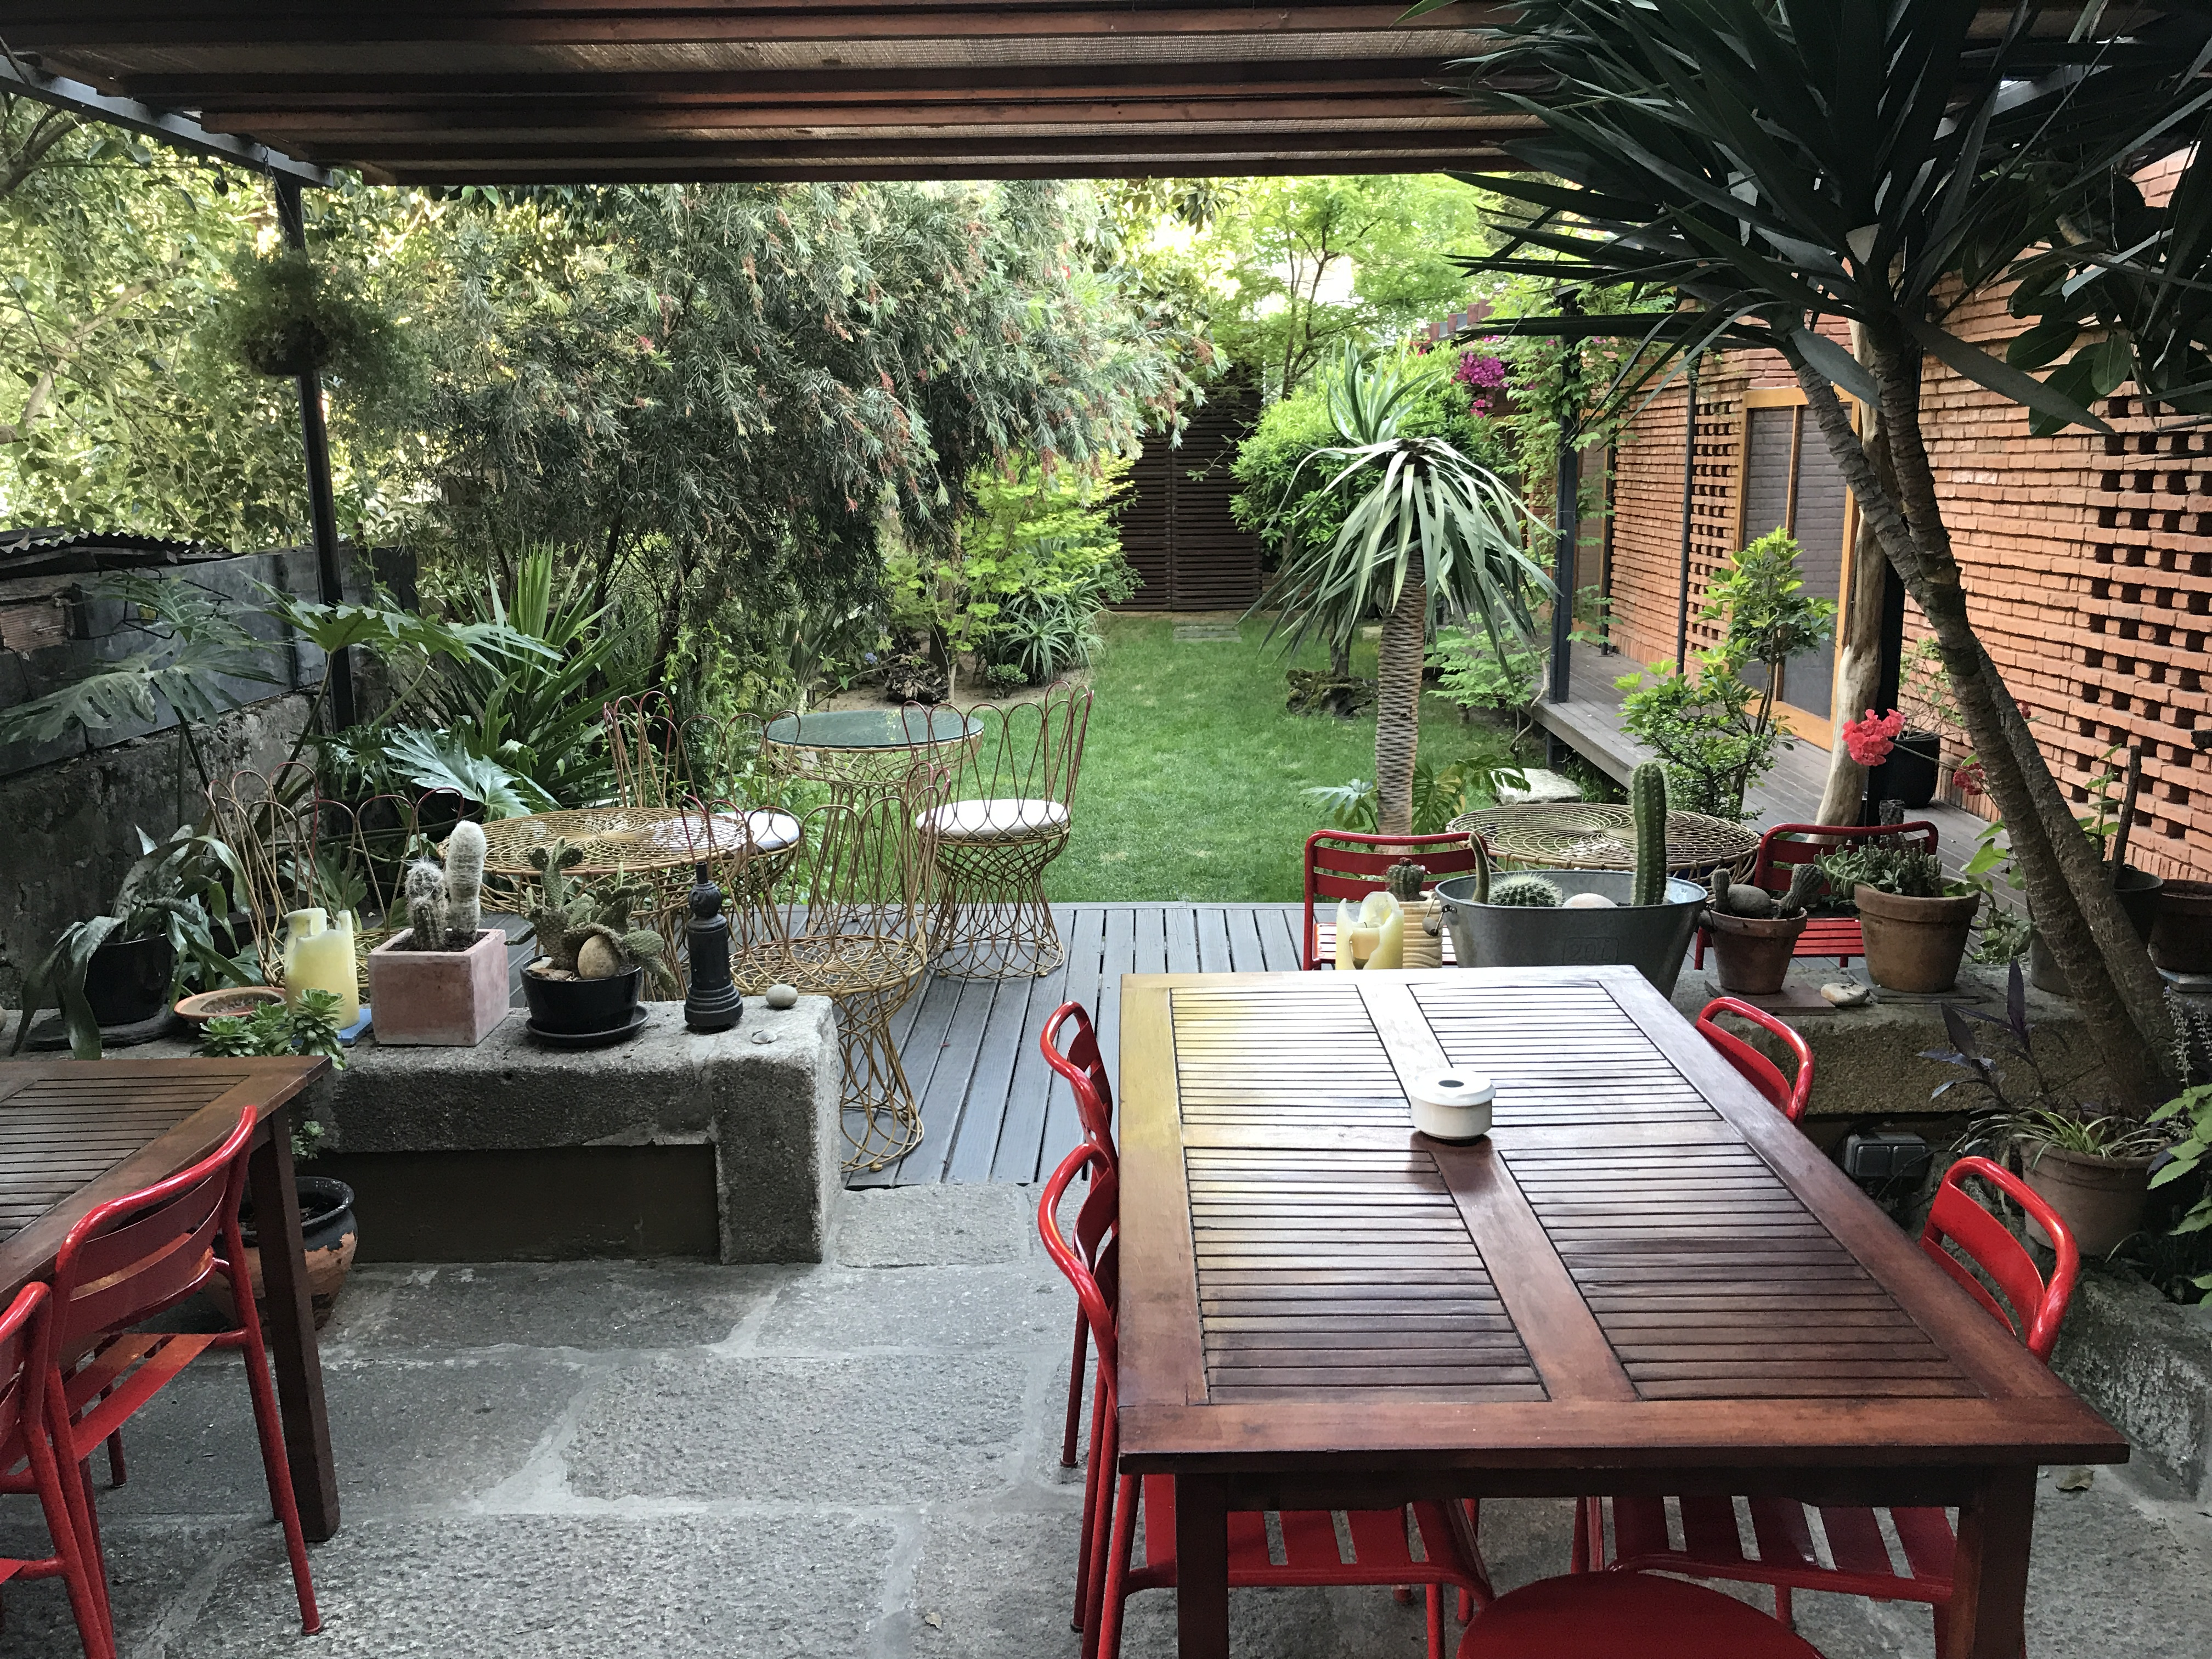 Der Garten der Pensao Favorita ist ein überraschendes Detail mitten in der Stadt